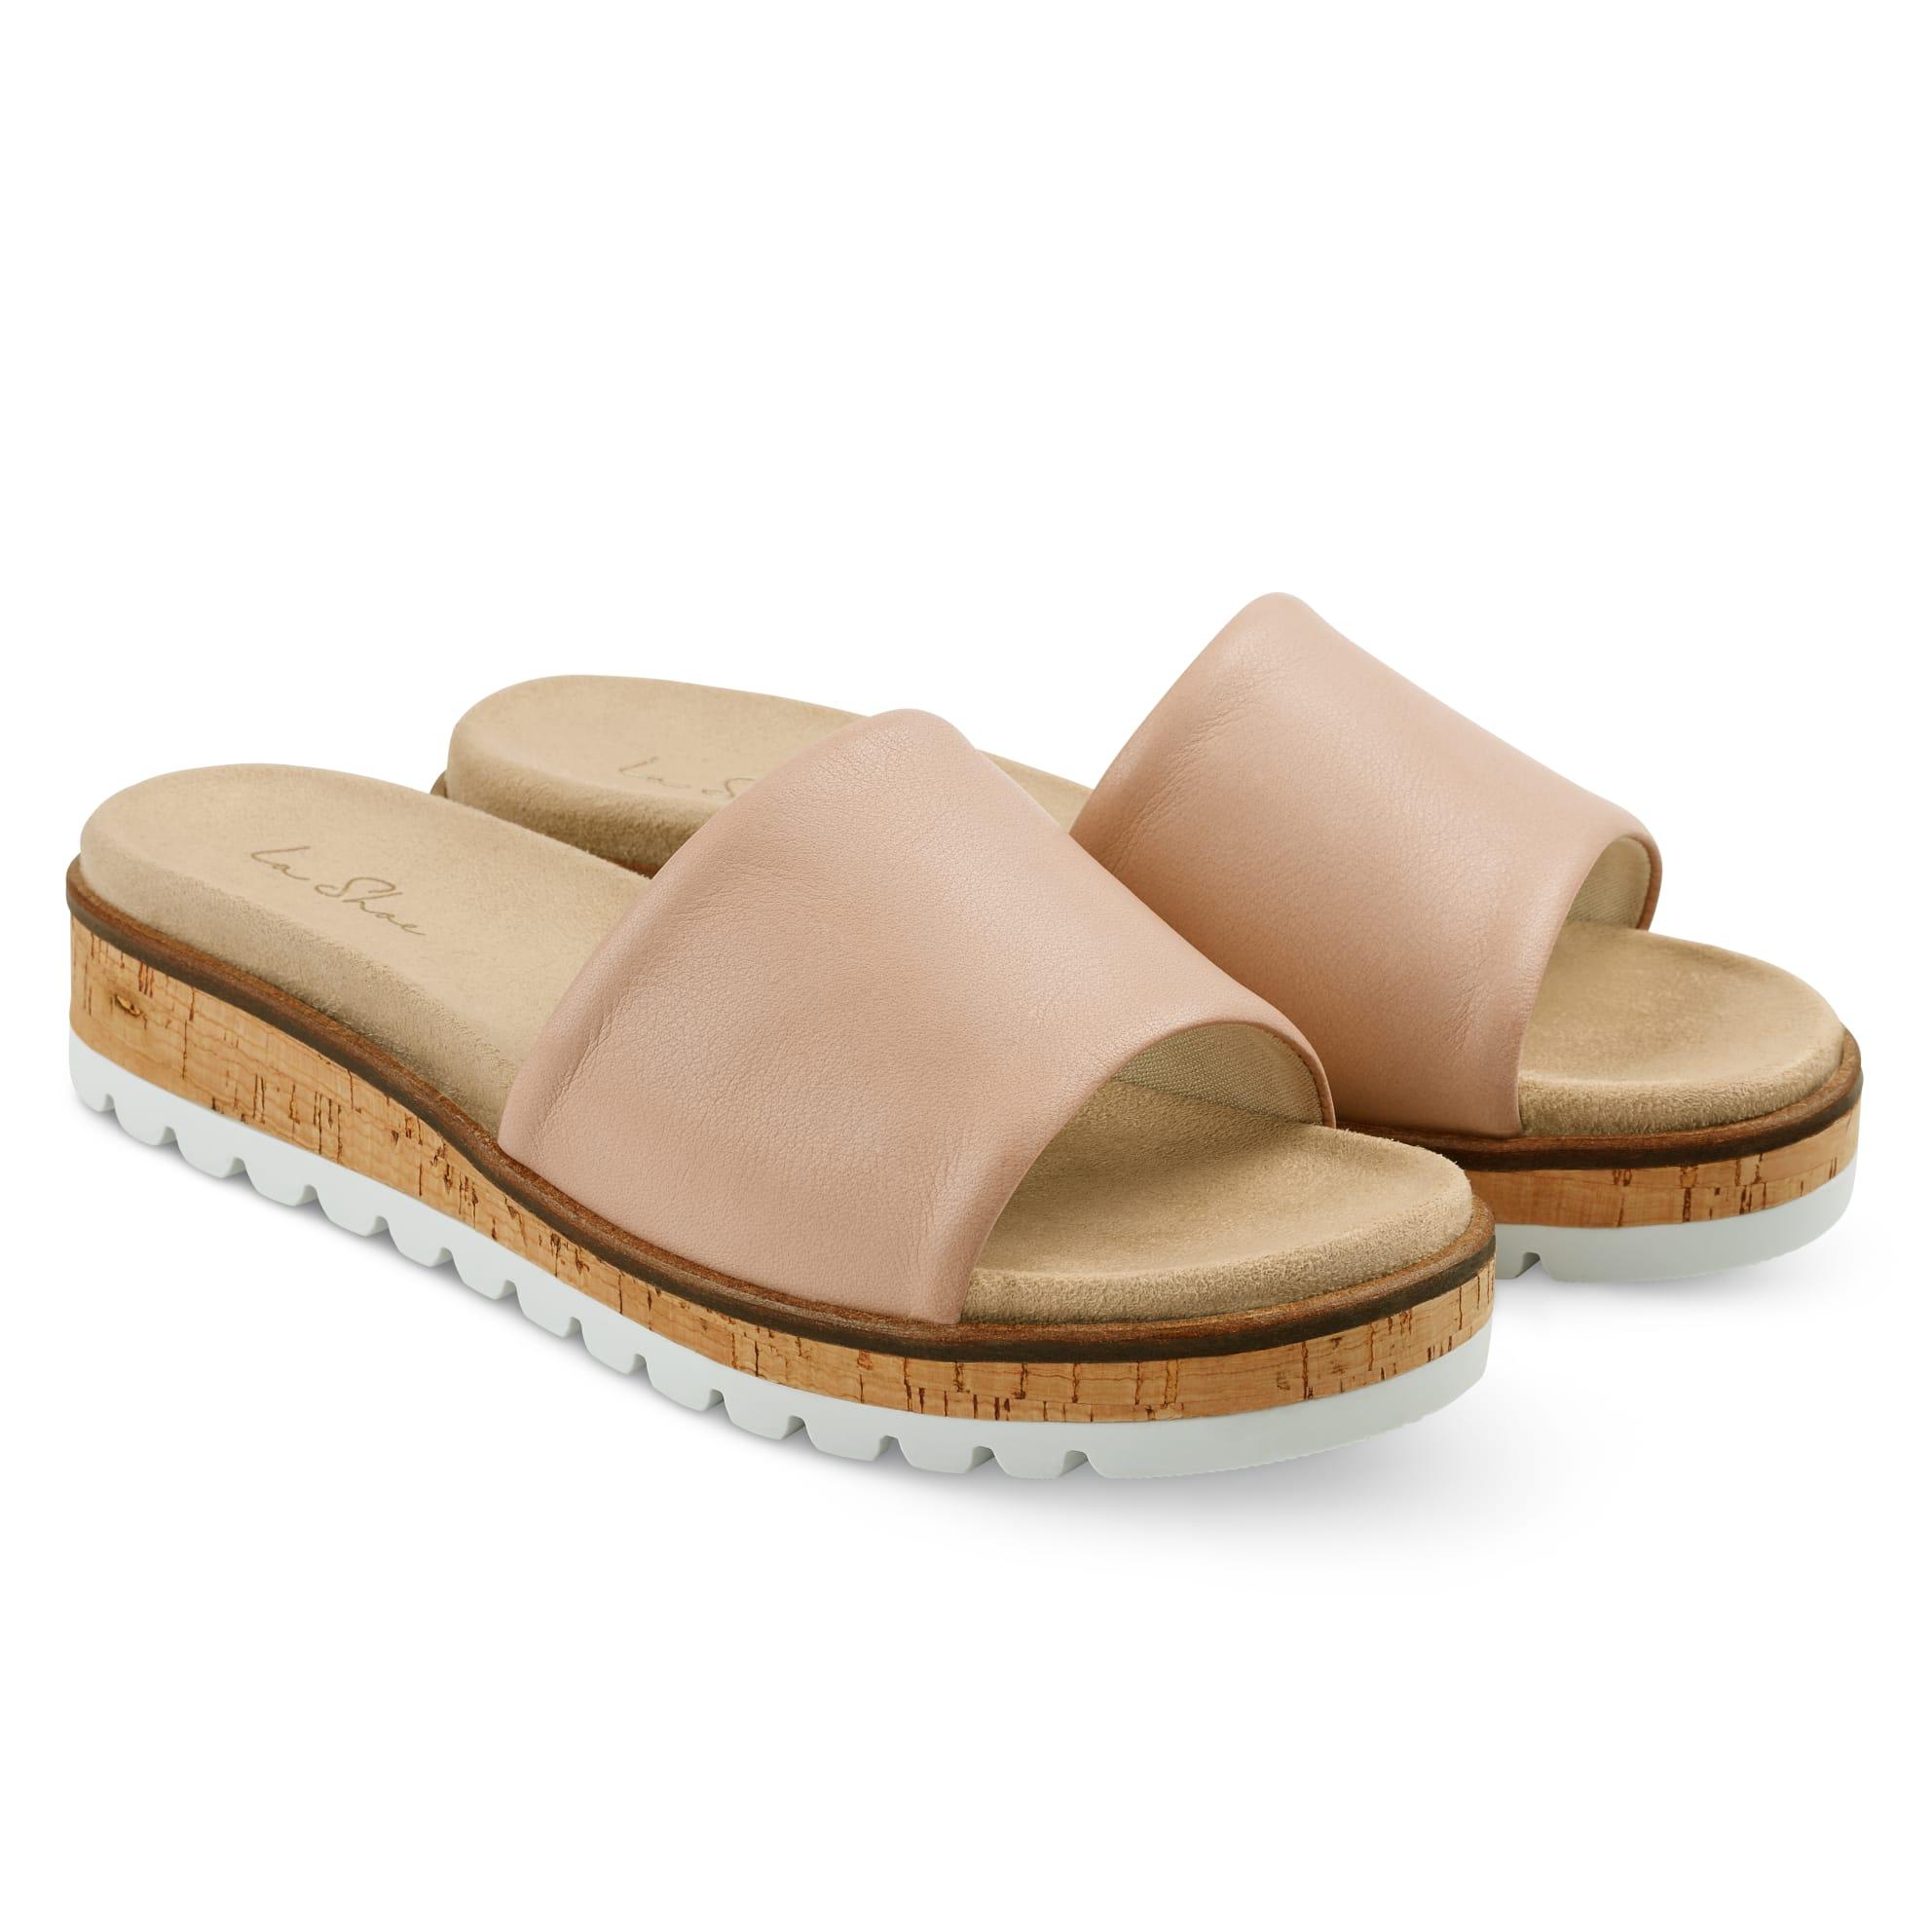 Pantolette mit Wechselfußbett Nude – modischer und bequemer Schuh für Hallux valgus und empfindliche Füße von LaShoe.de